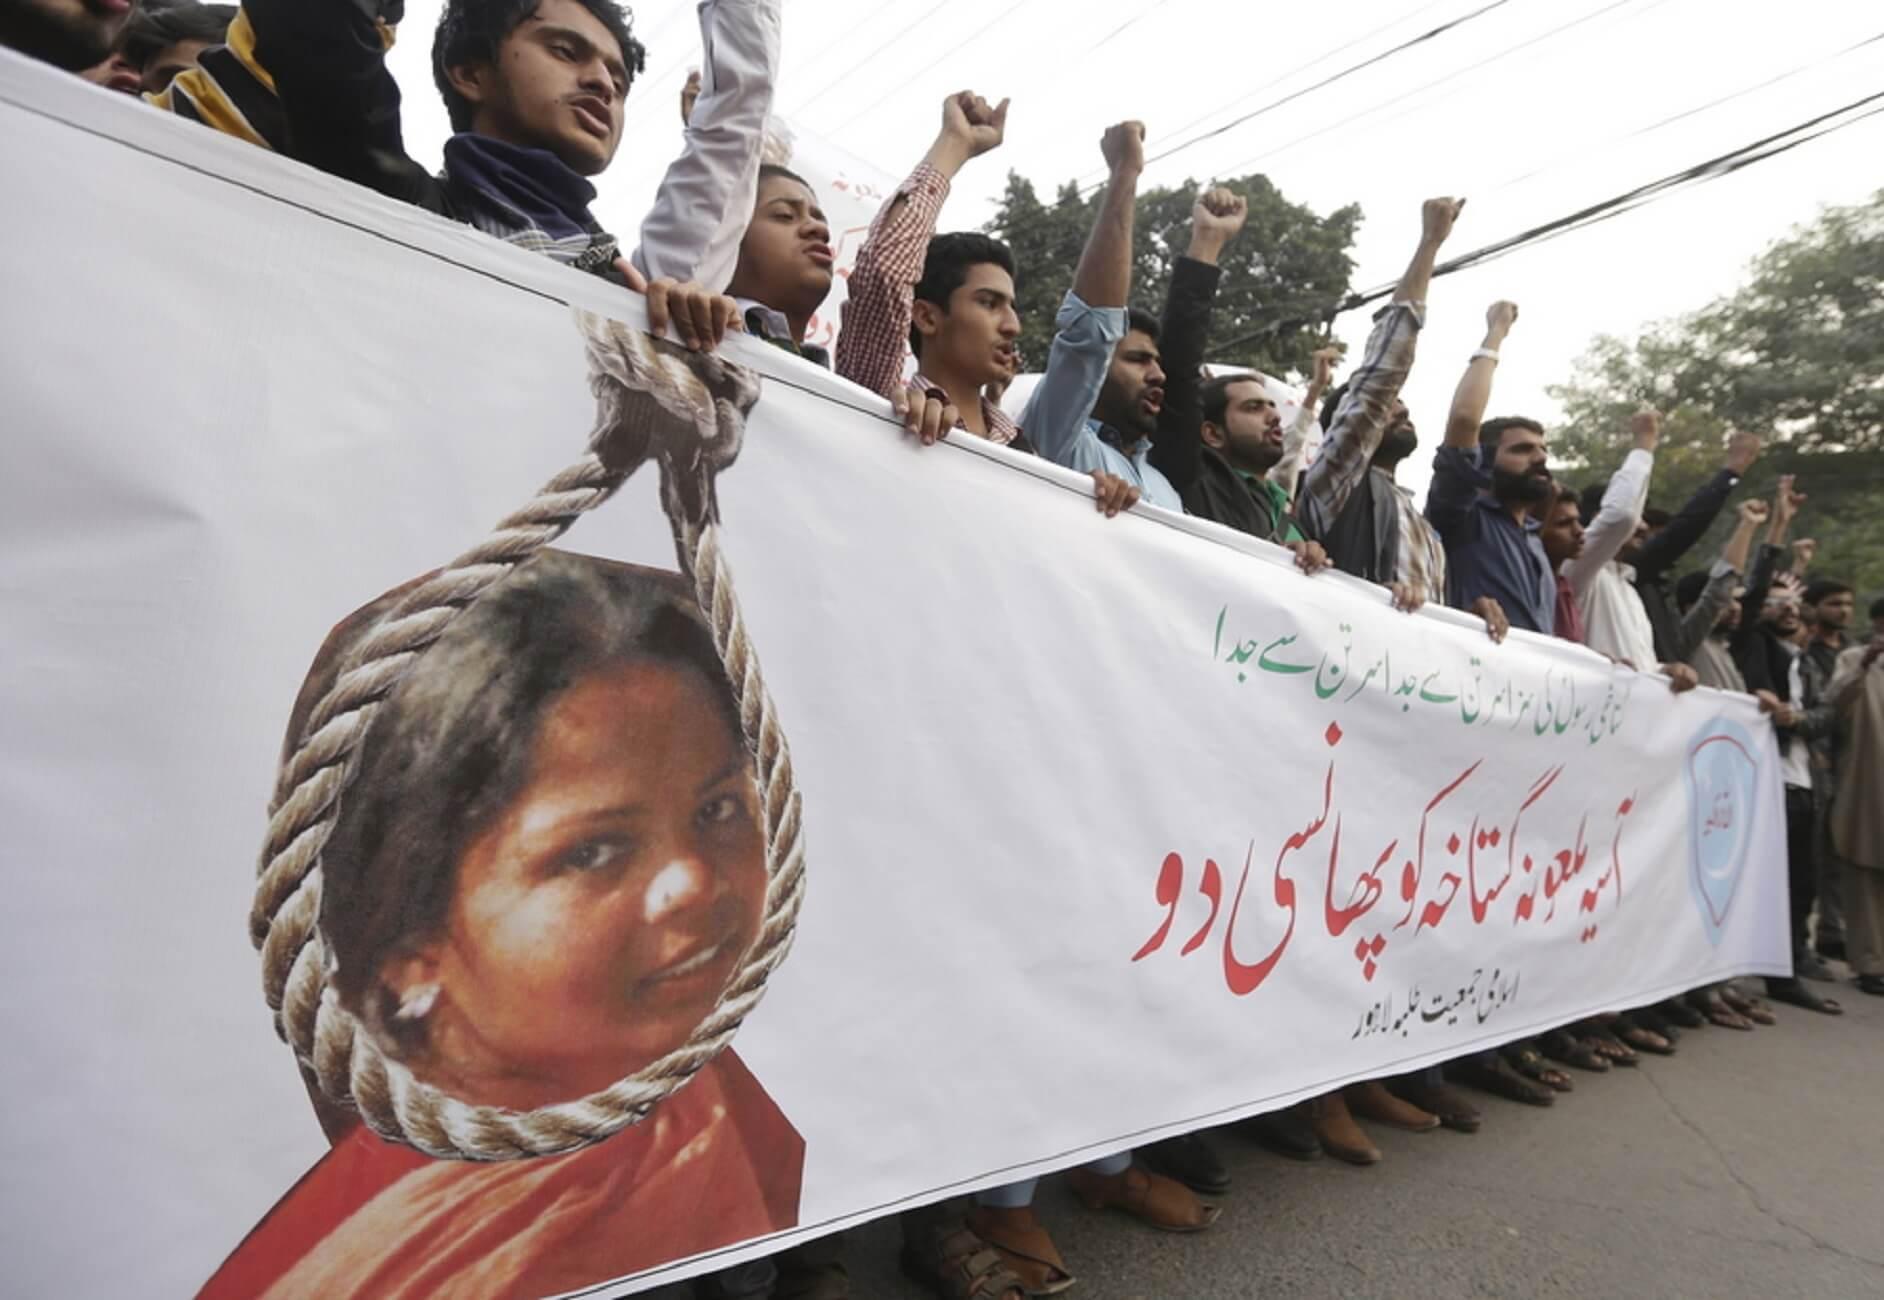 Πακιστάν: Οριστικά αθώα η πρώην μελλοθάνατη Άσια Μπίμπι – Η απίστευτη ιστορία της